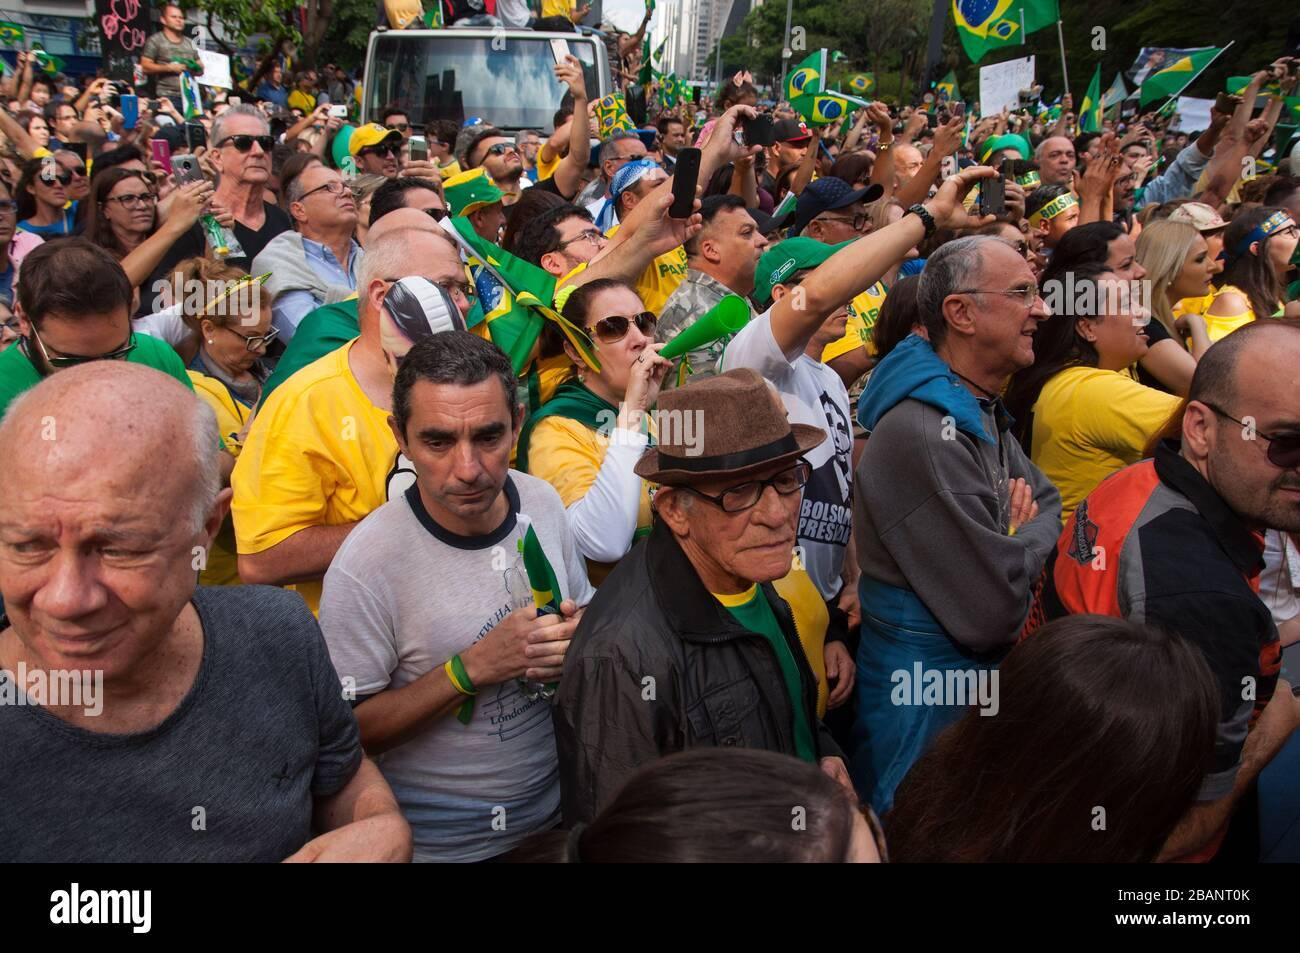 Sao Paulo, SP, Brasilien, 2018/10/21, Demonstration pro Präsidentschaftskandidat Jair Bolsonaro auf der Paulista Avenue, Menschen aus allen Altersgruppen nahmen daran Teil Stockfoto